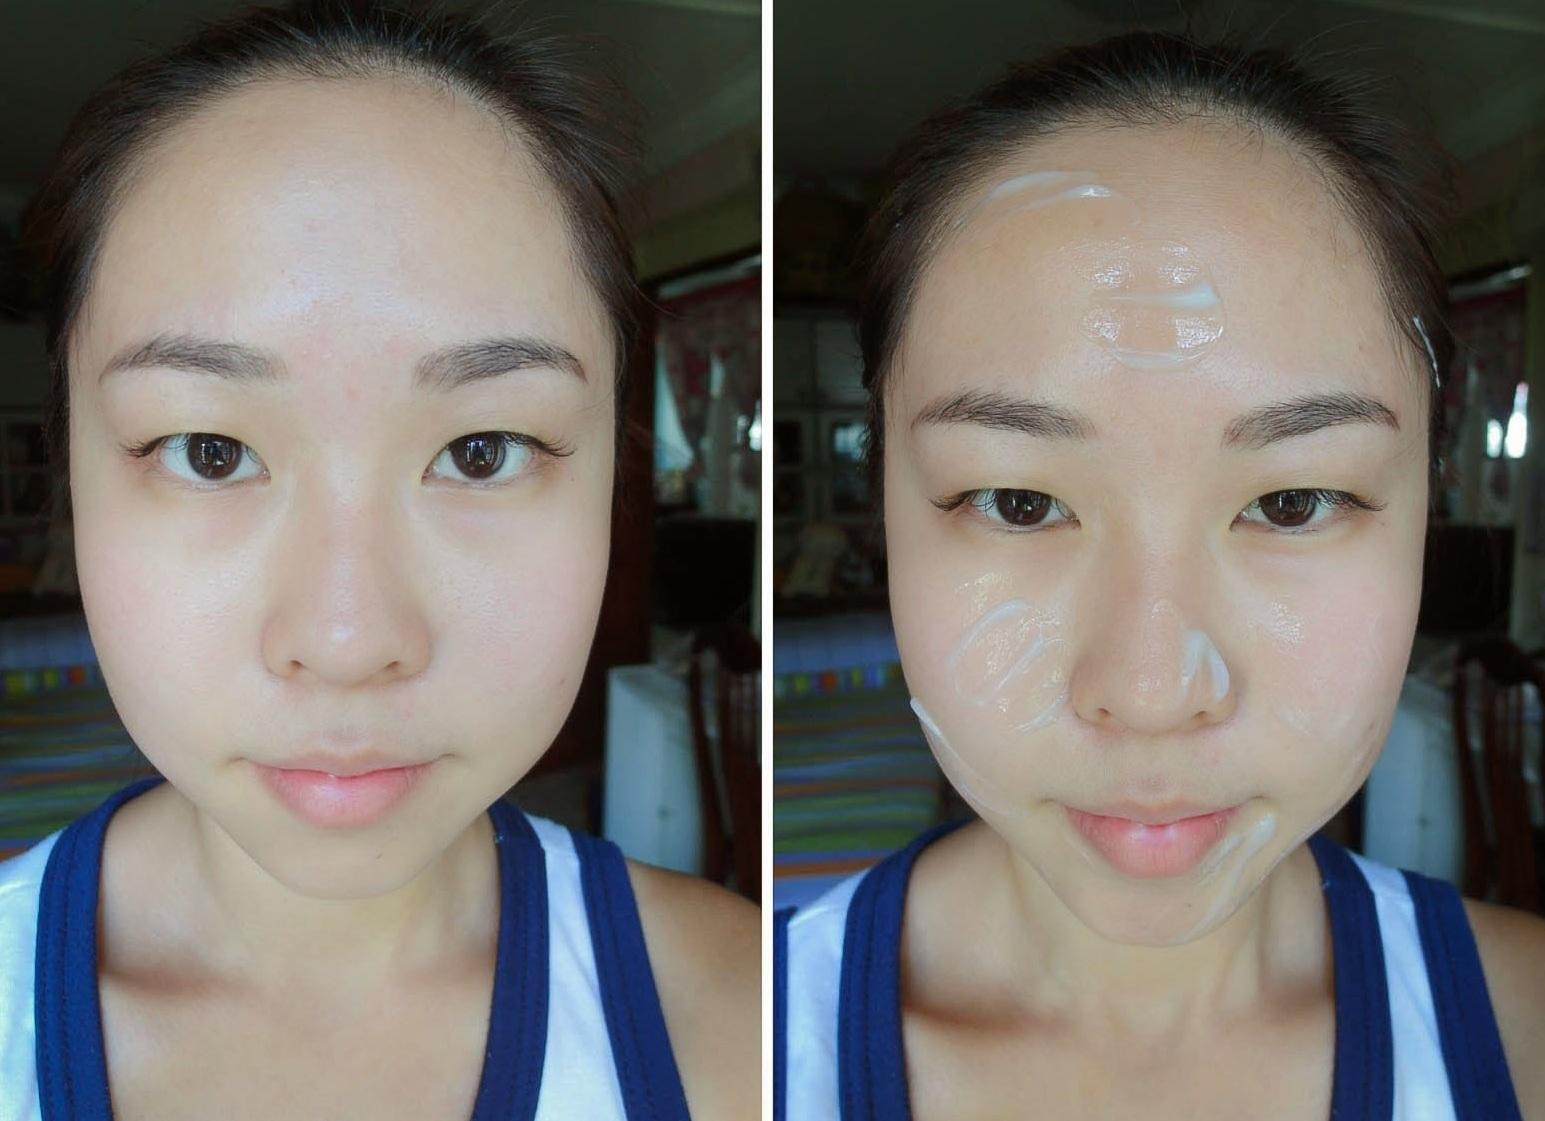 Trẻ như gái 20 da căng bóng với mặt nạ ngăn ngừa nếp nhăn có thể tự làm ngay tại nhà - Ảnh 1